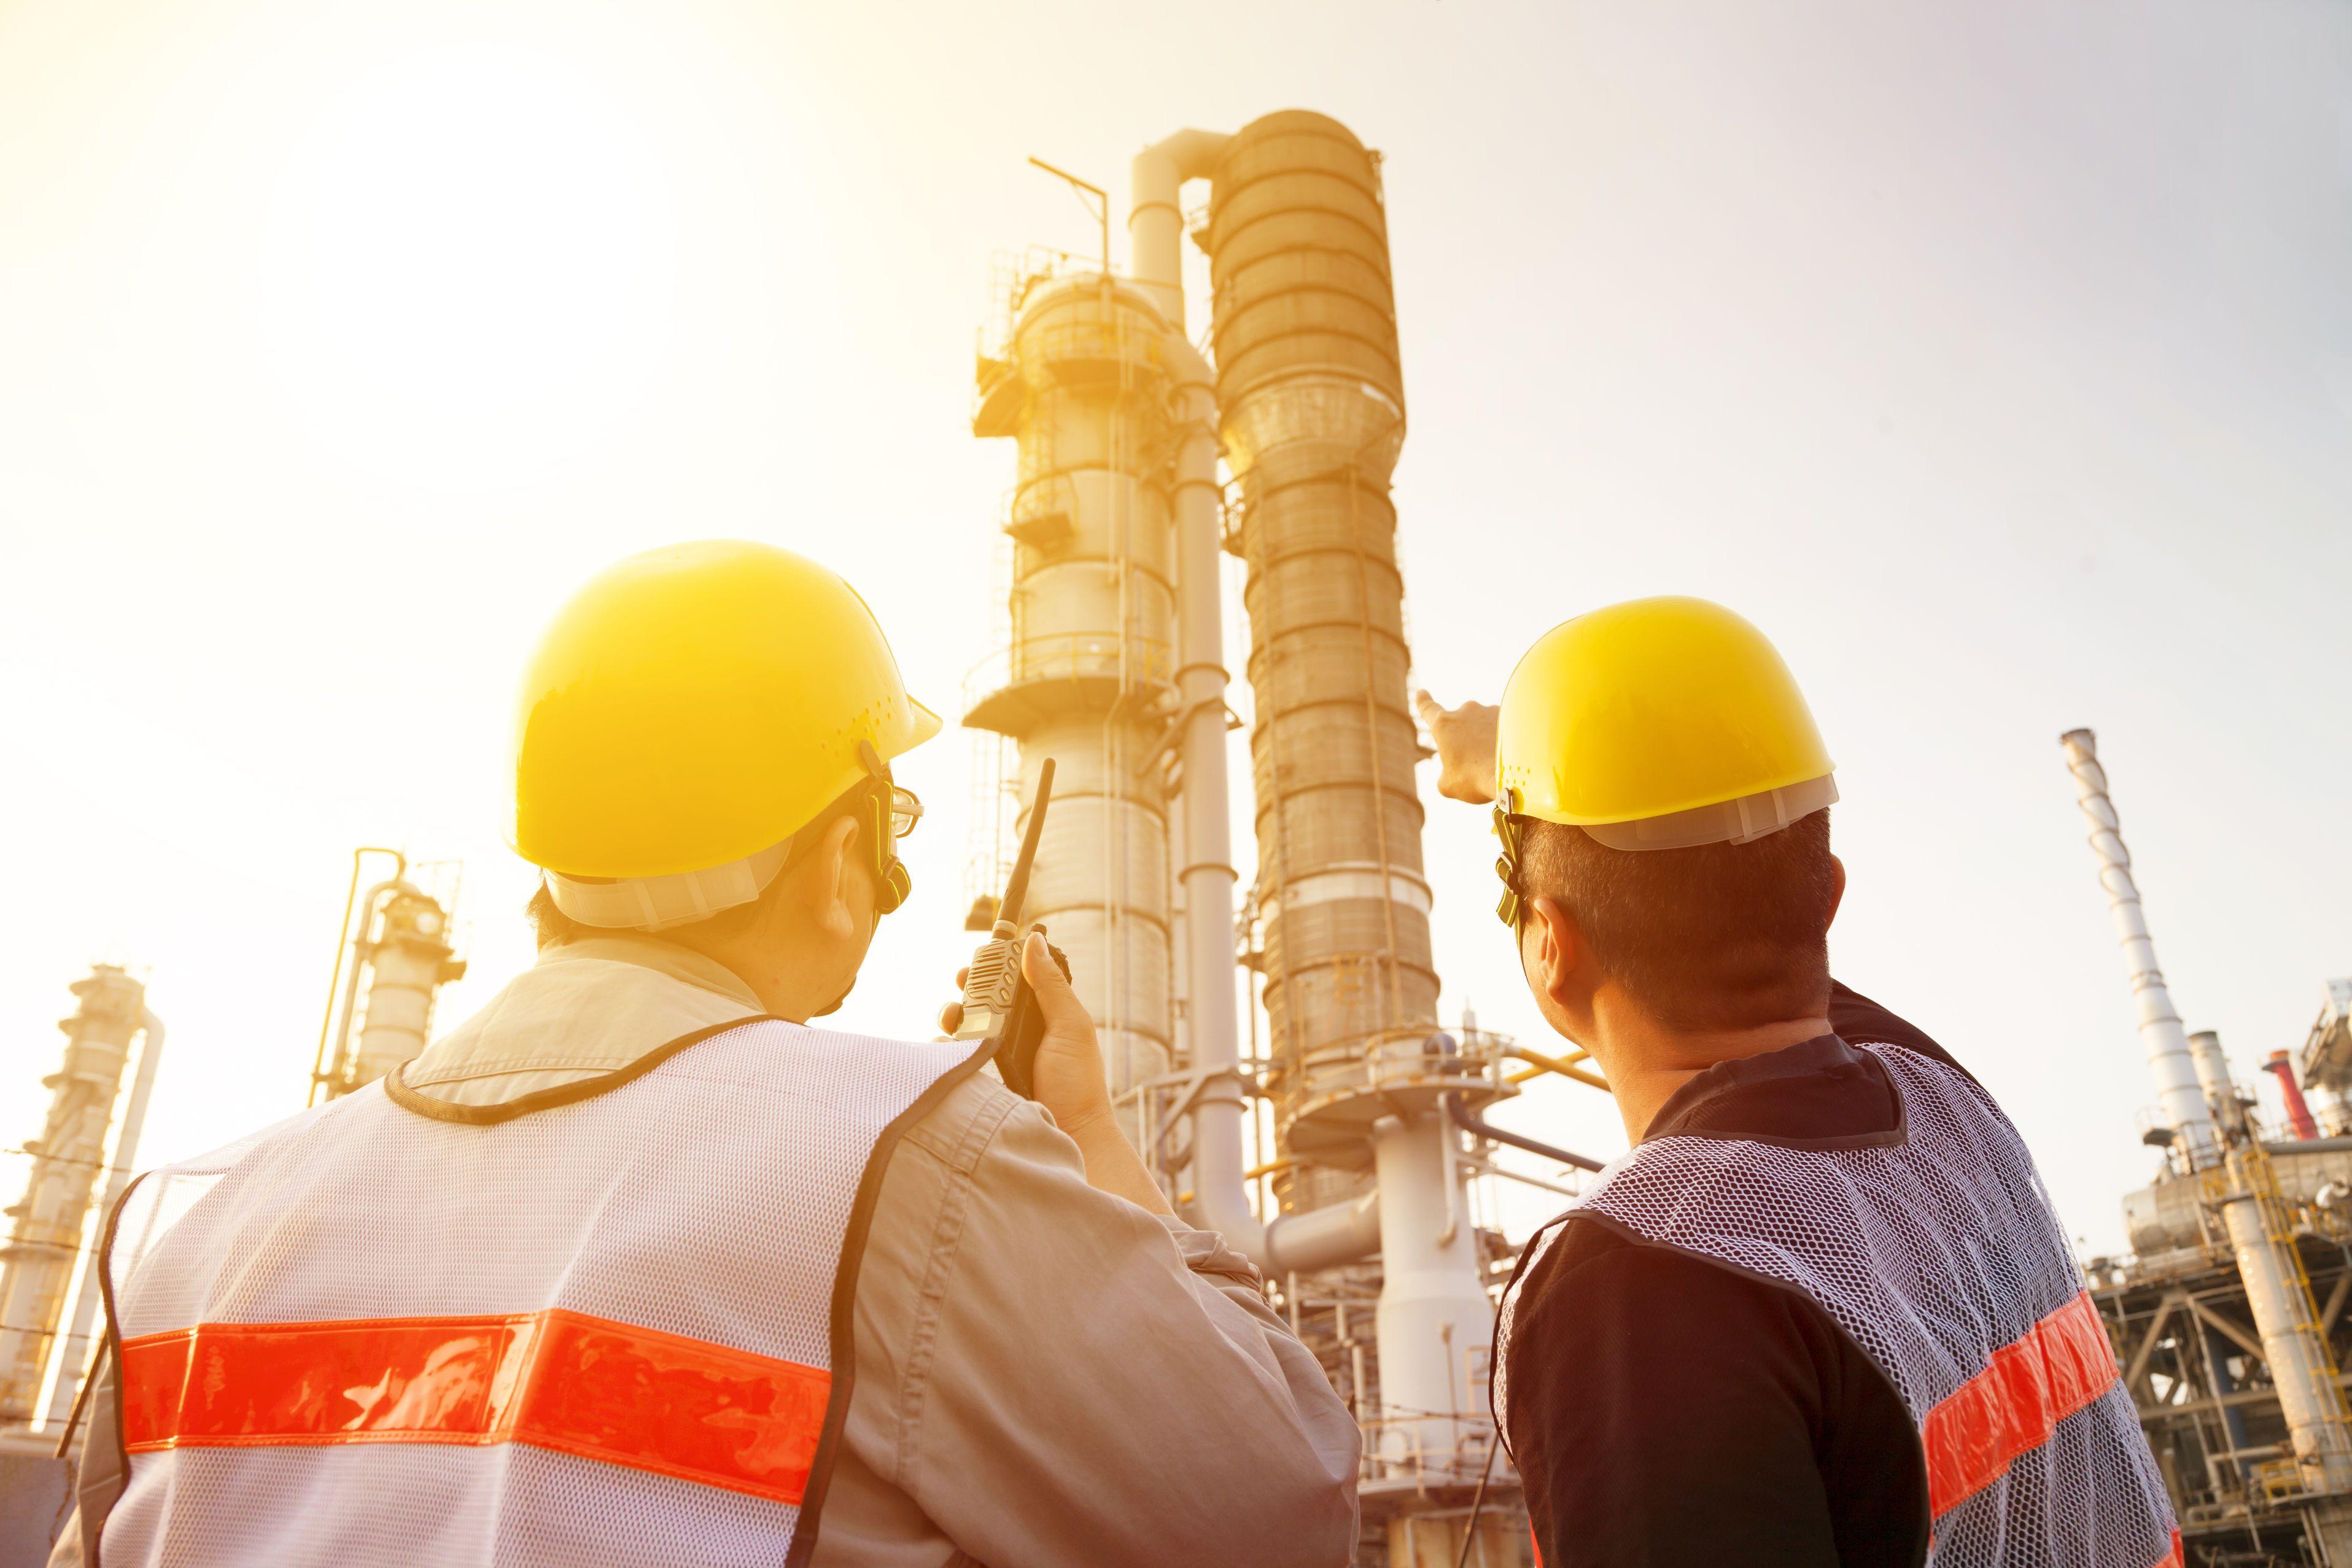 castig salarial mediu net_petrolisti